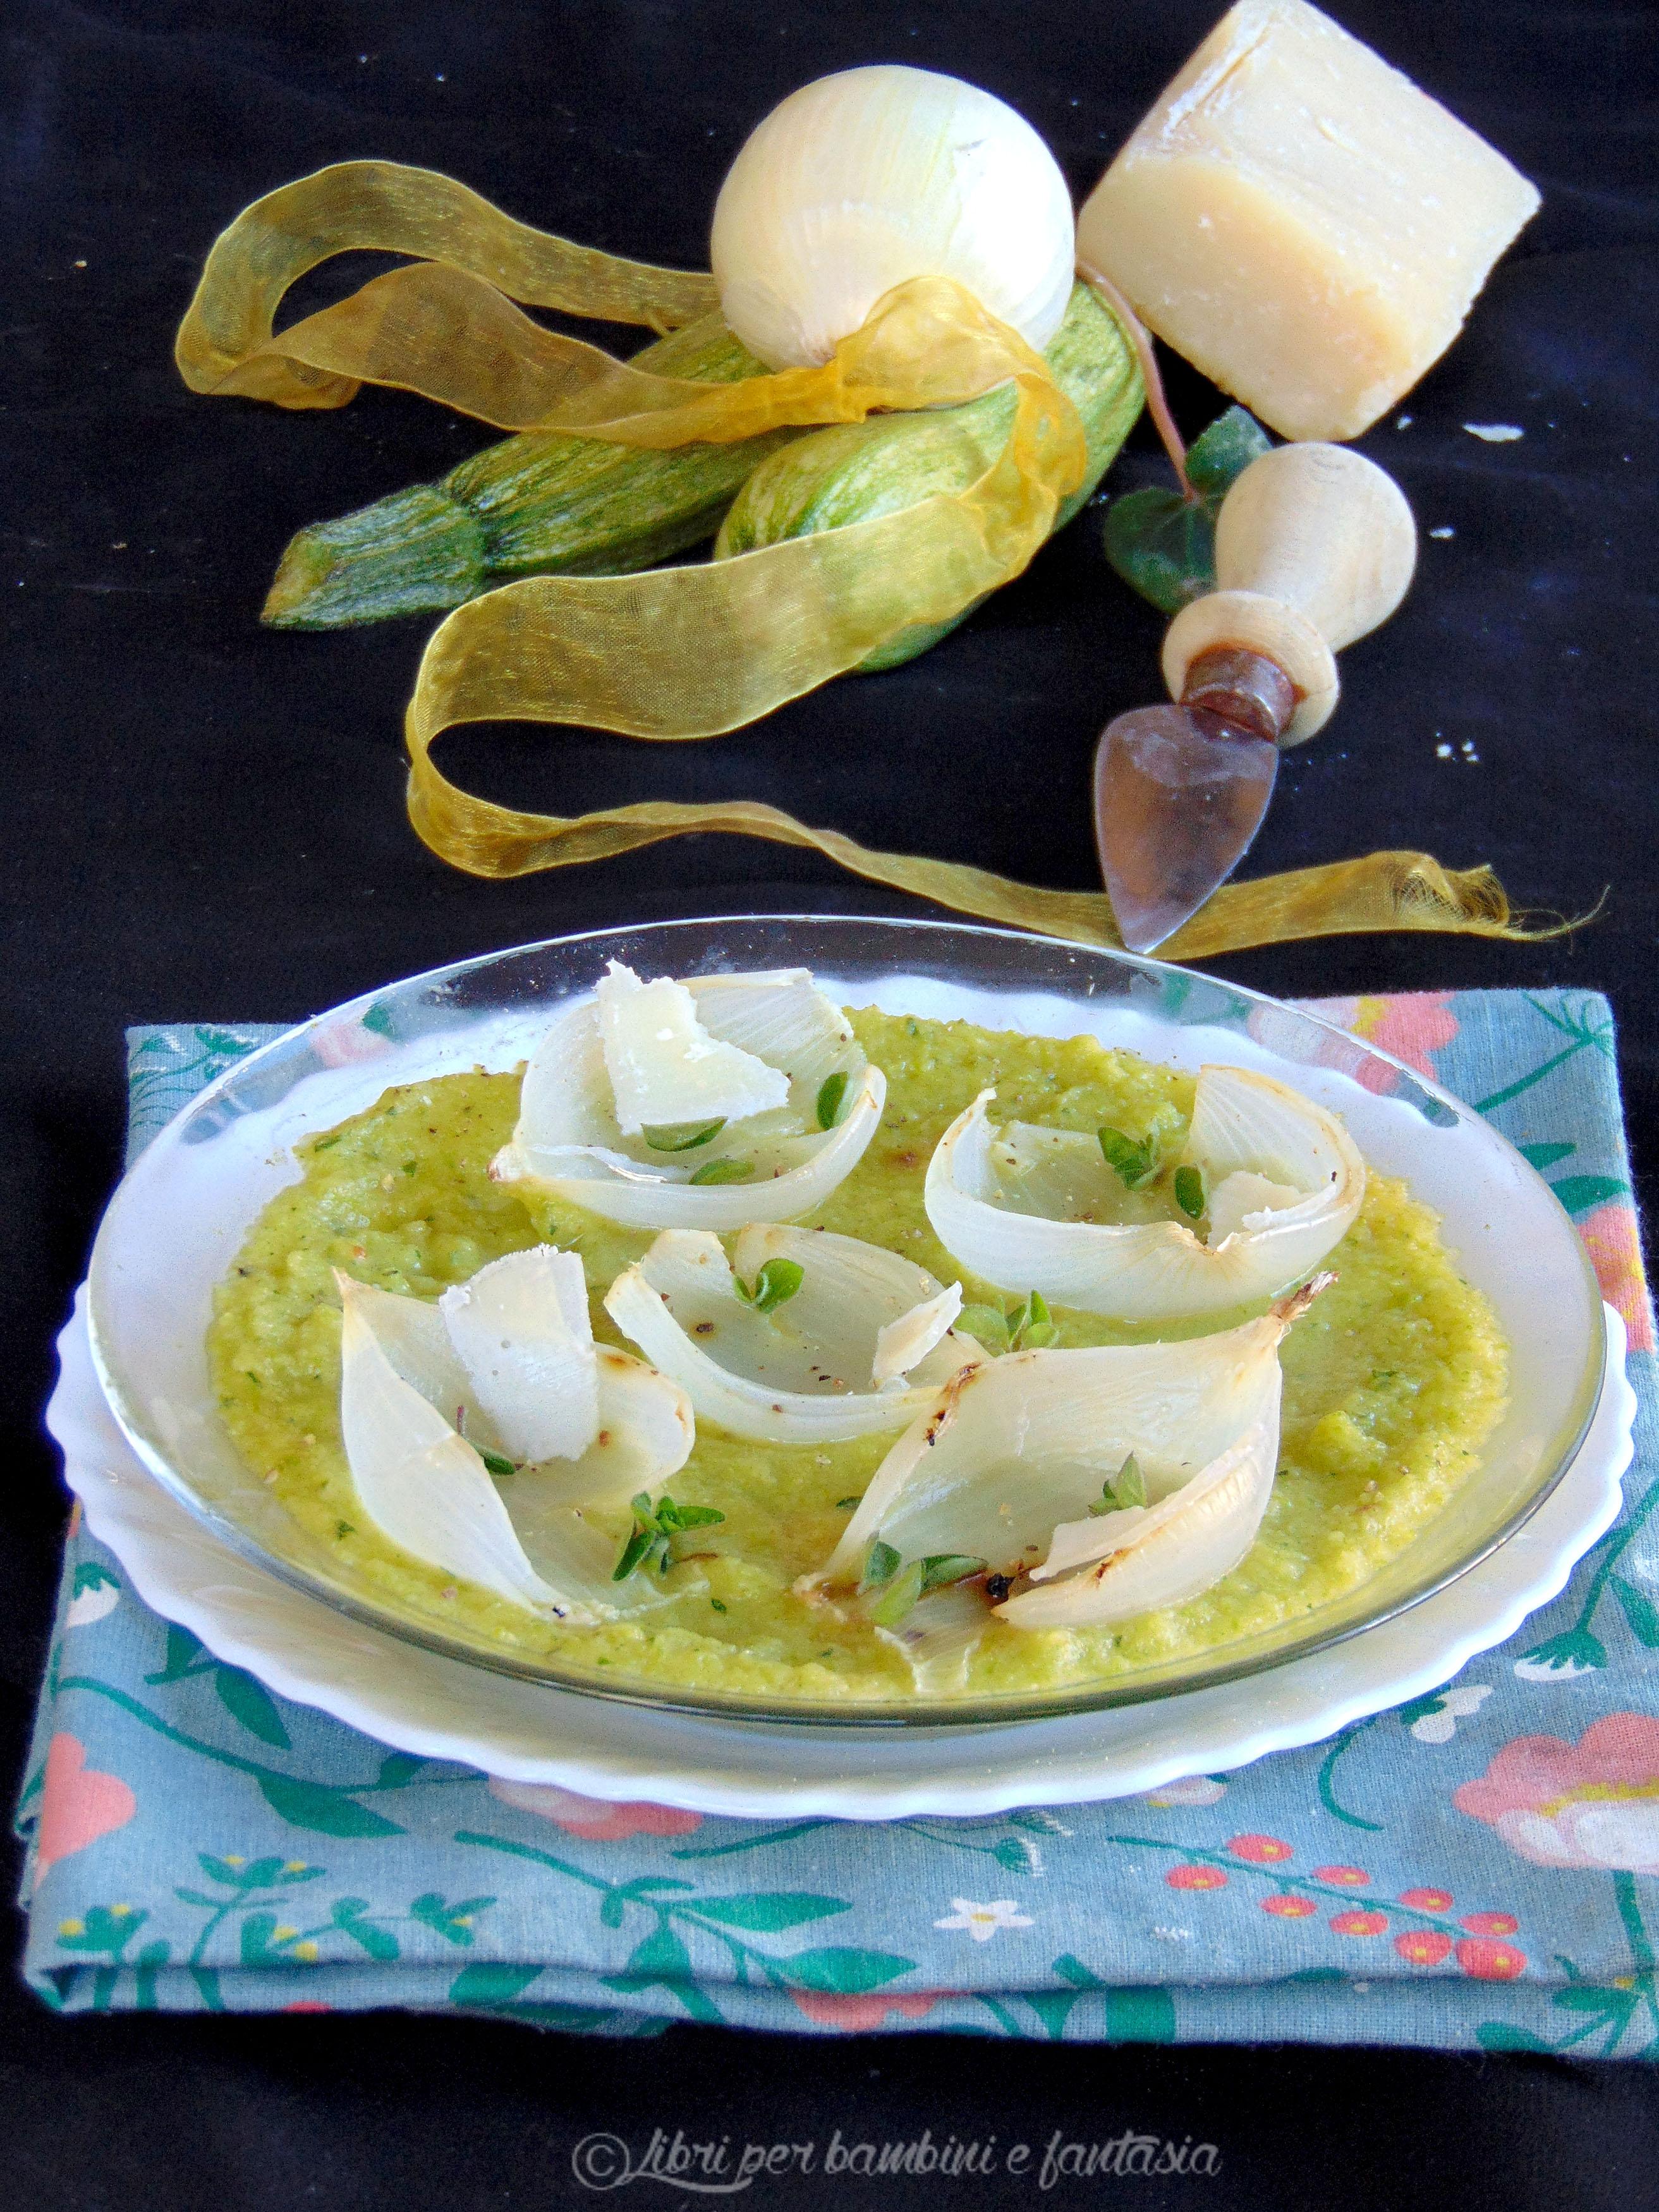 crema di zucchine con cipolle al forno e grana99